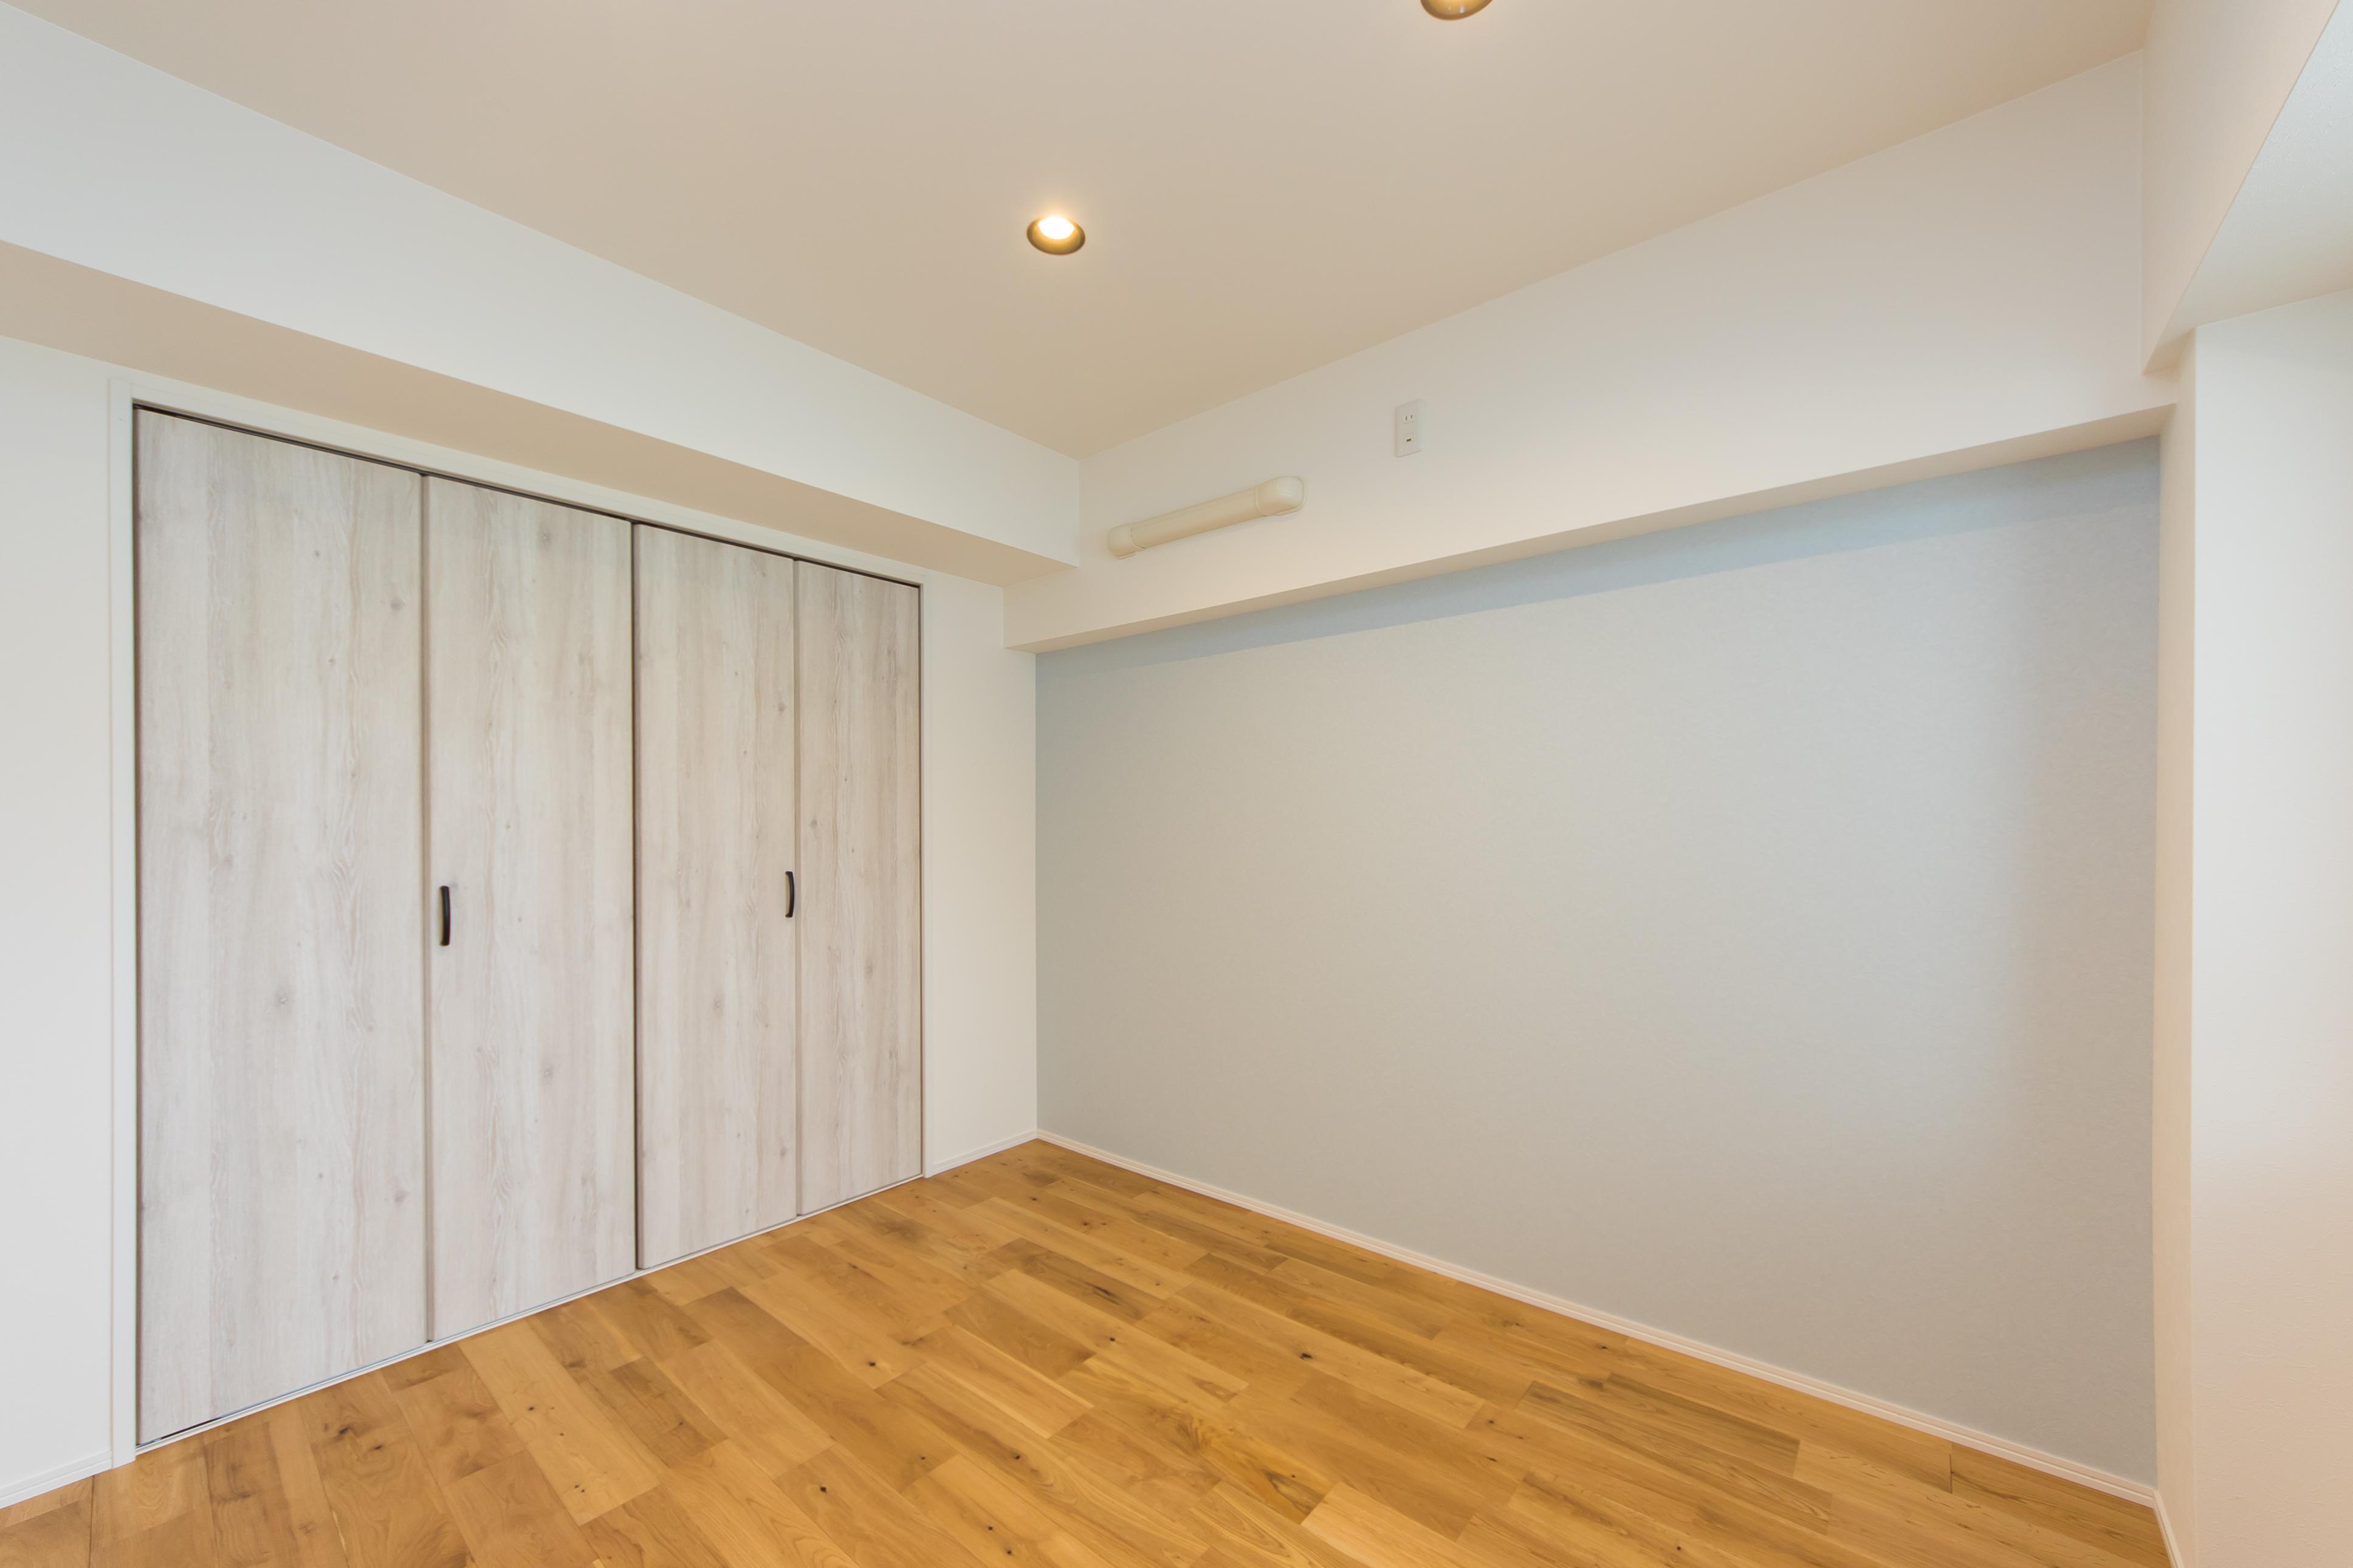 洋室、寝室、壁紙、アクセント、無垢、リノベーション